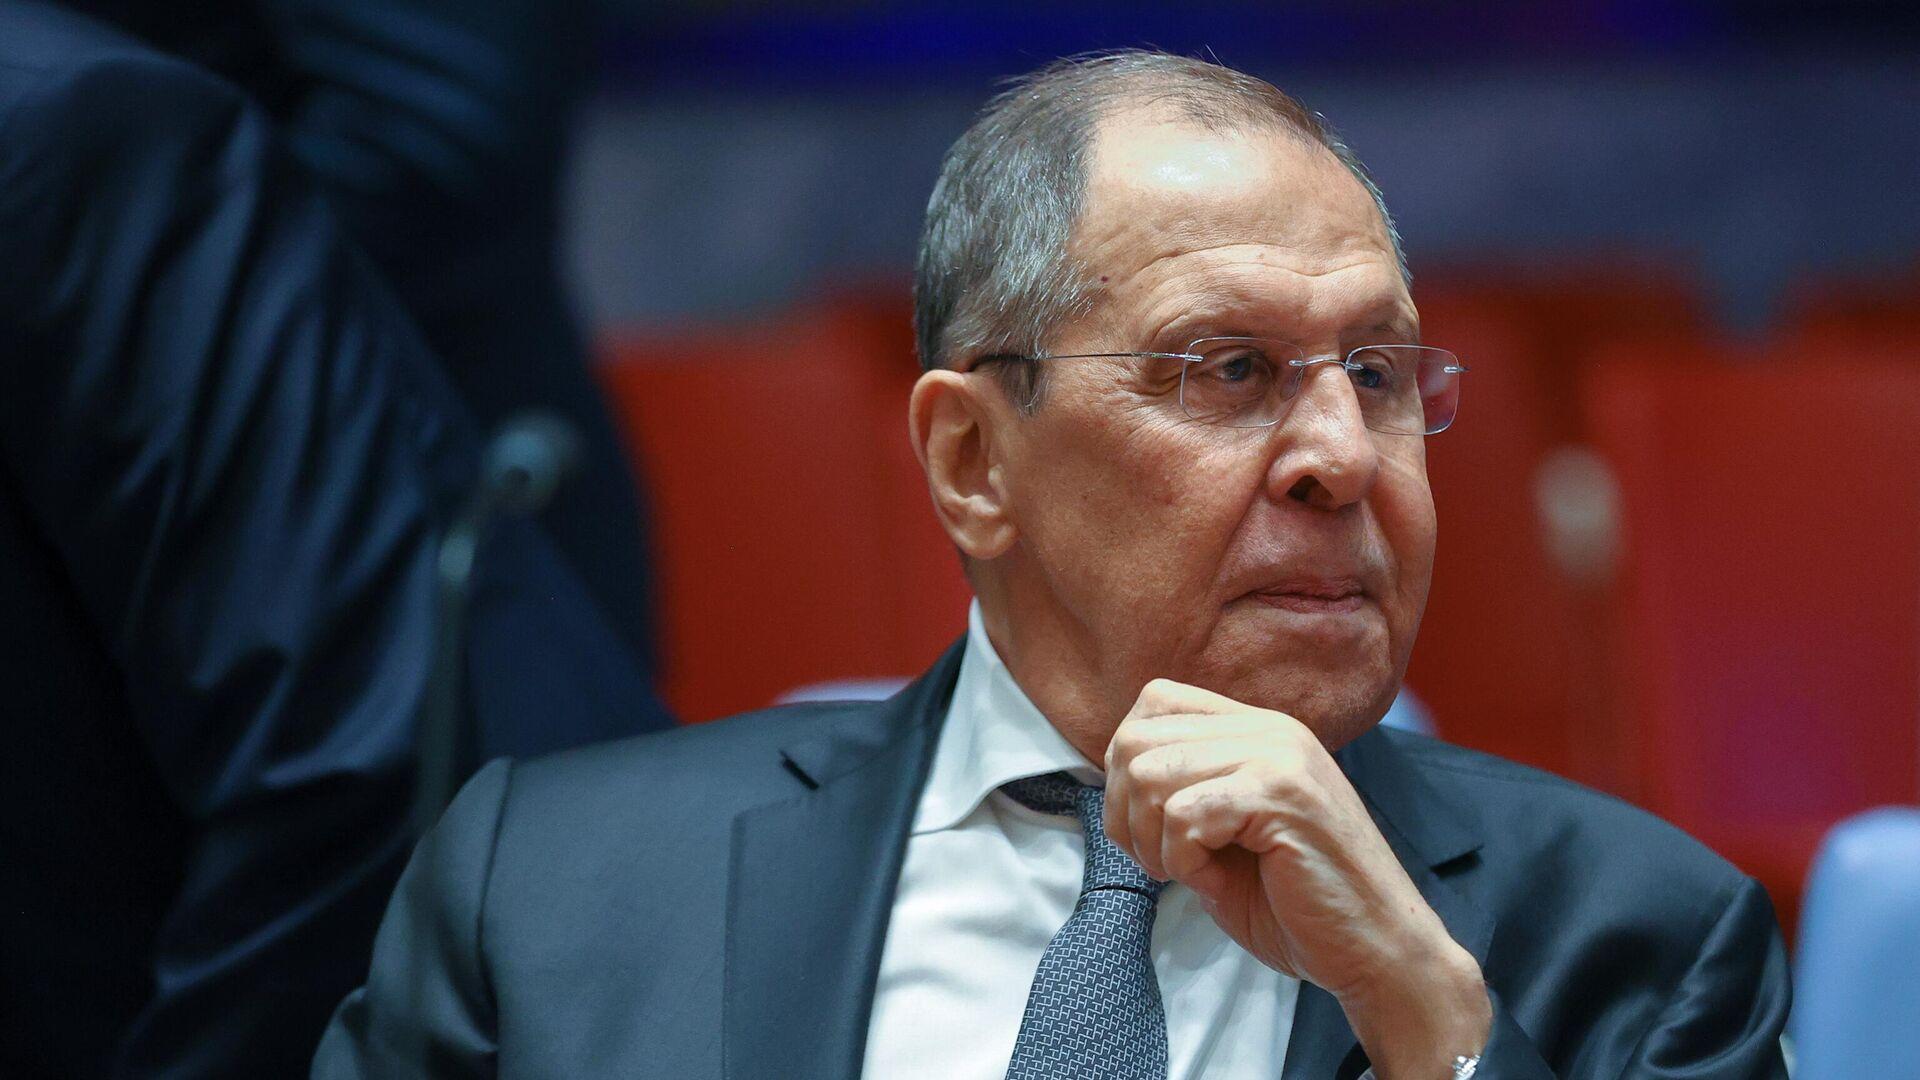 Лавров назвал вызовом намерение некоторых стран милитаризировать интернет